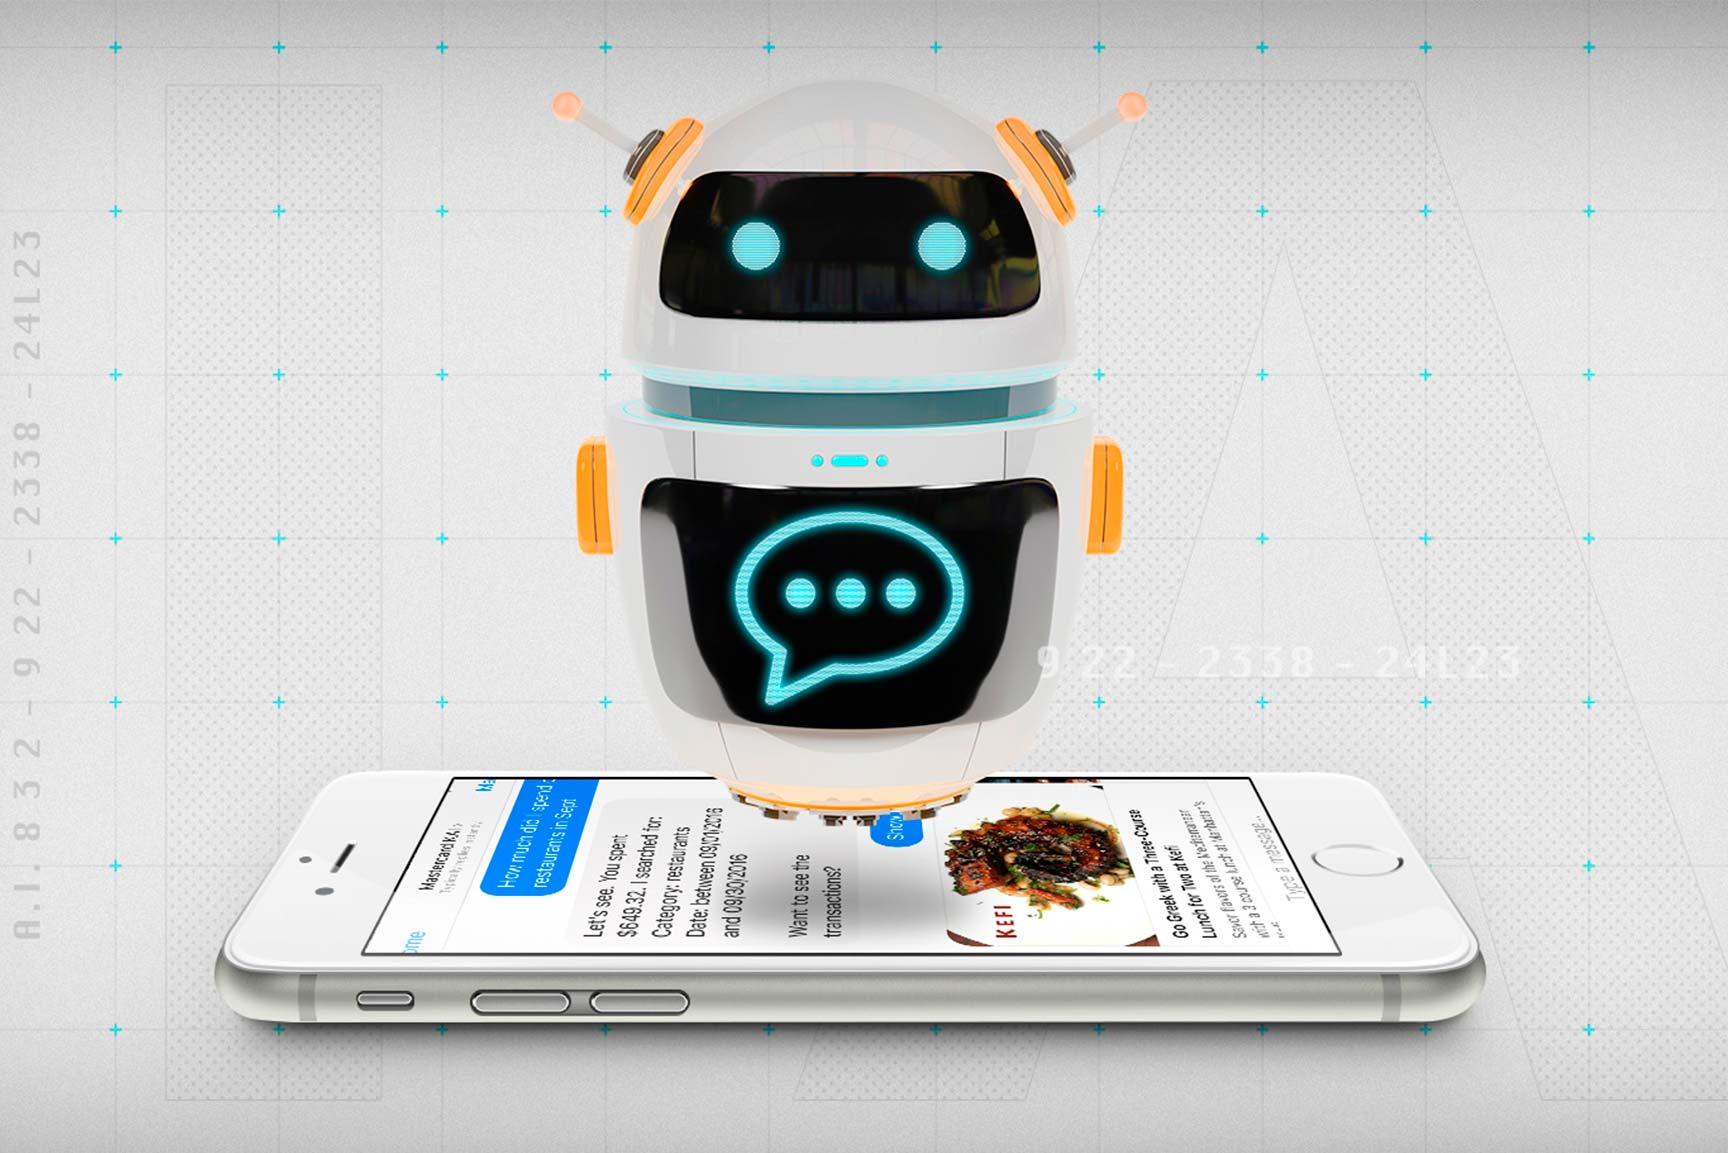 h_la_inteligencia_artificial_es_mucho_mas_que_un_chatbot.jpg